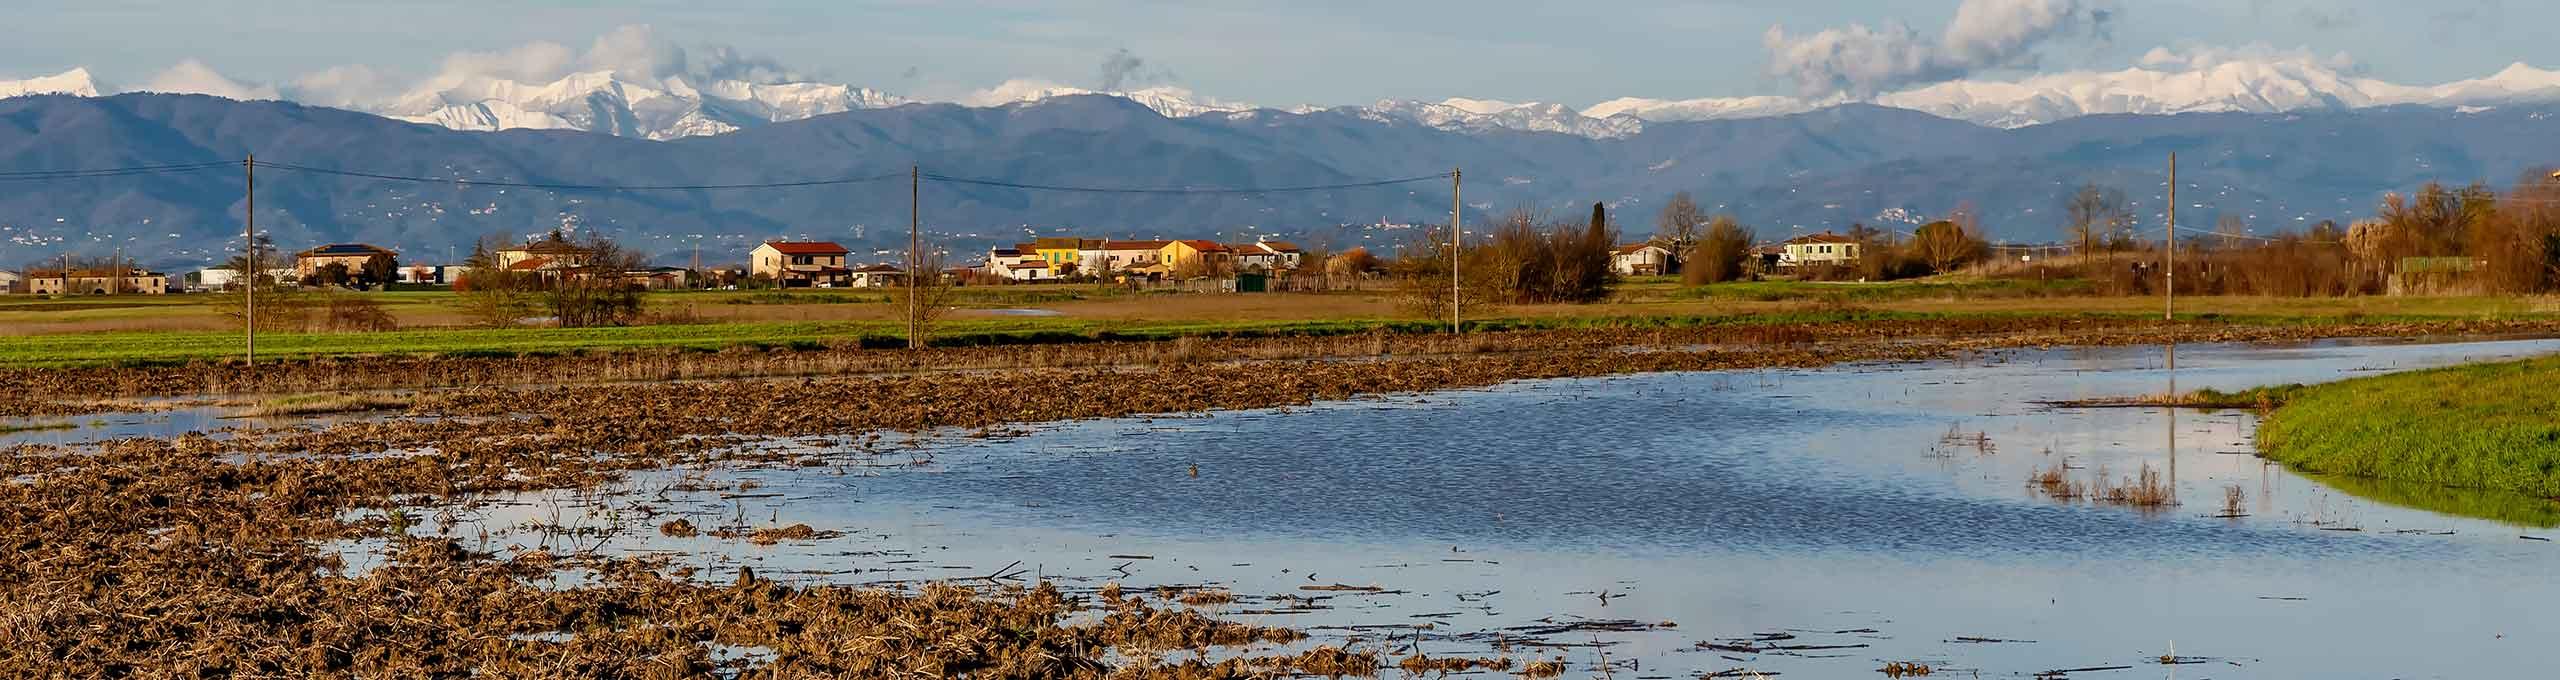 Palude vicino a Bientina e Alpi Apuane innevate